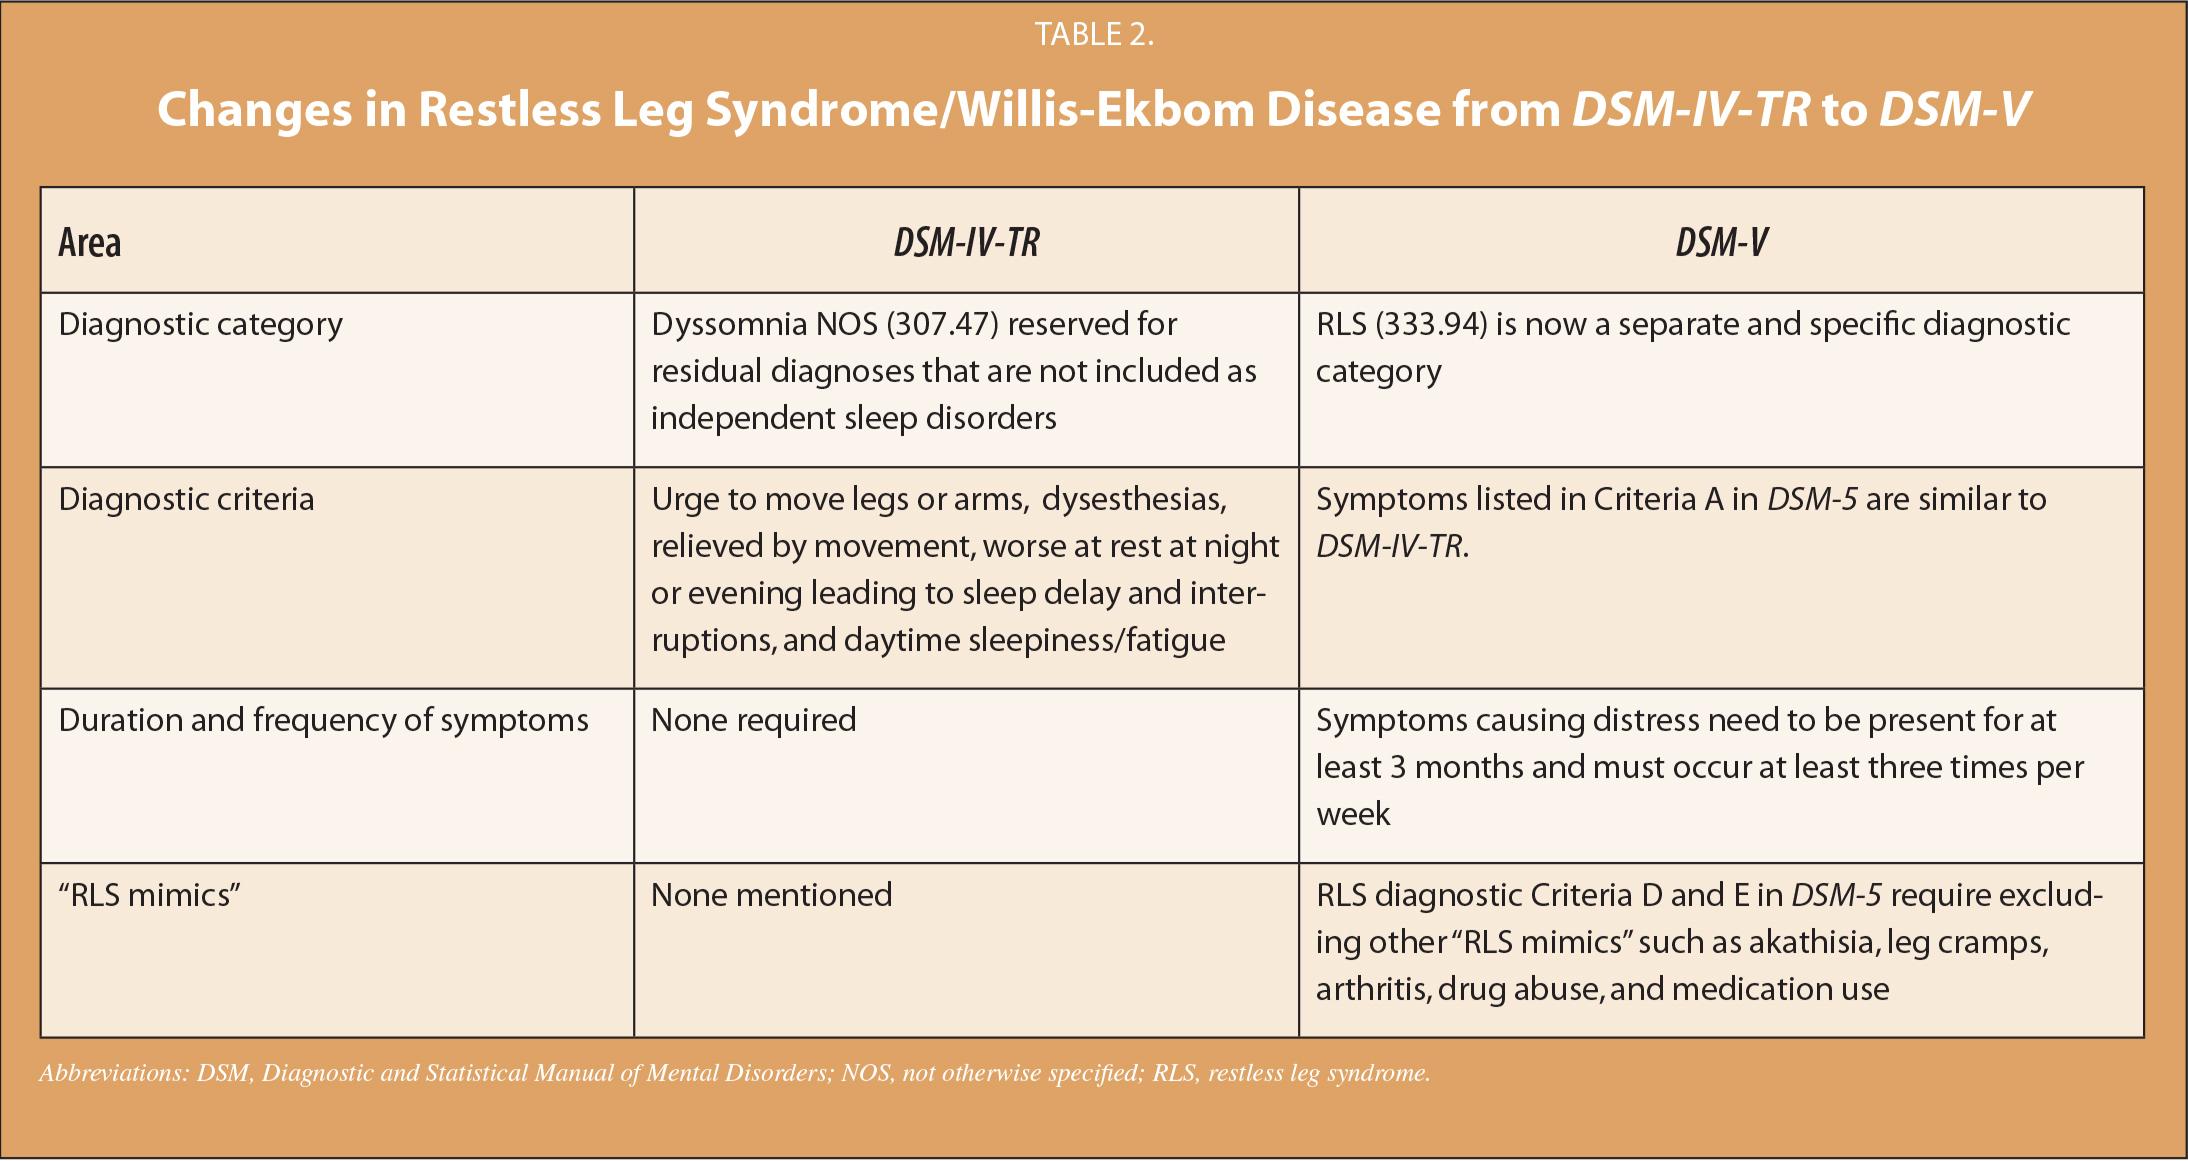 Changes in Restless Leg Syndrome/Willis-Ekbom Disease from DSM-IV-TR to DSM-V